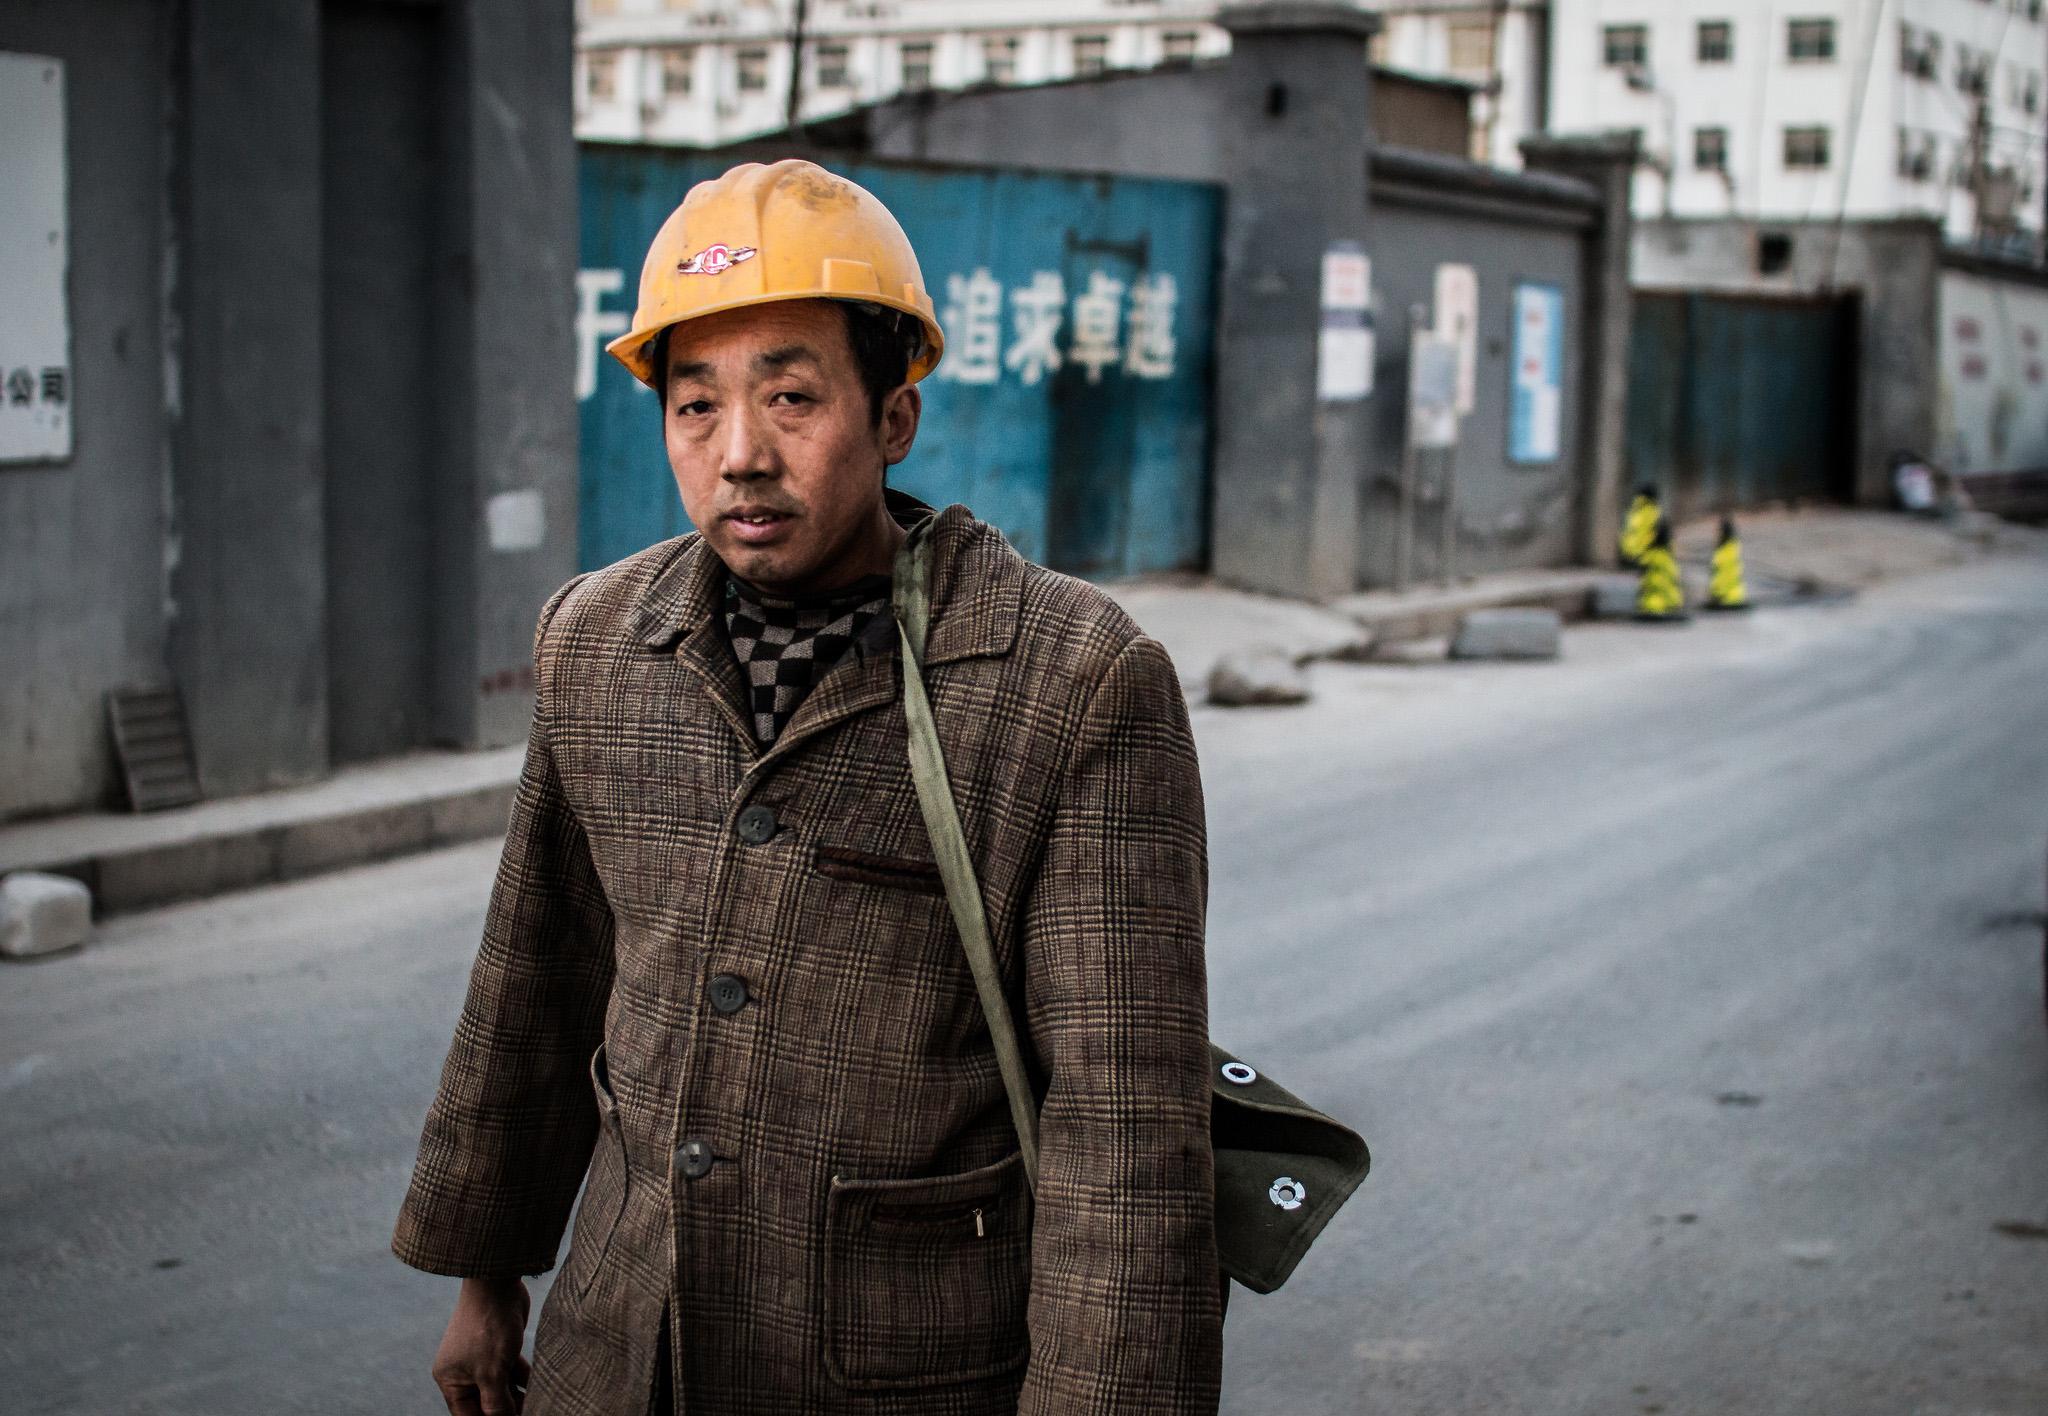 ONU | Peritos exigem ratificação de tratado sobre trabalhadores migrantes